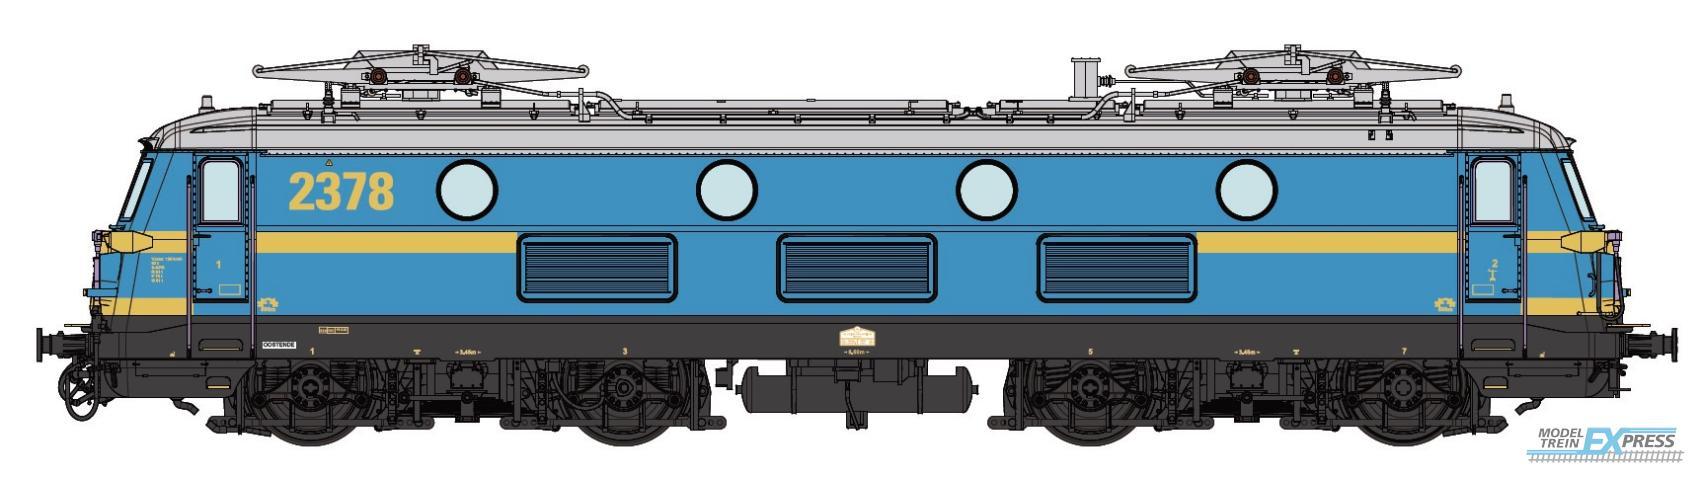 B-Models 3011.07